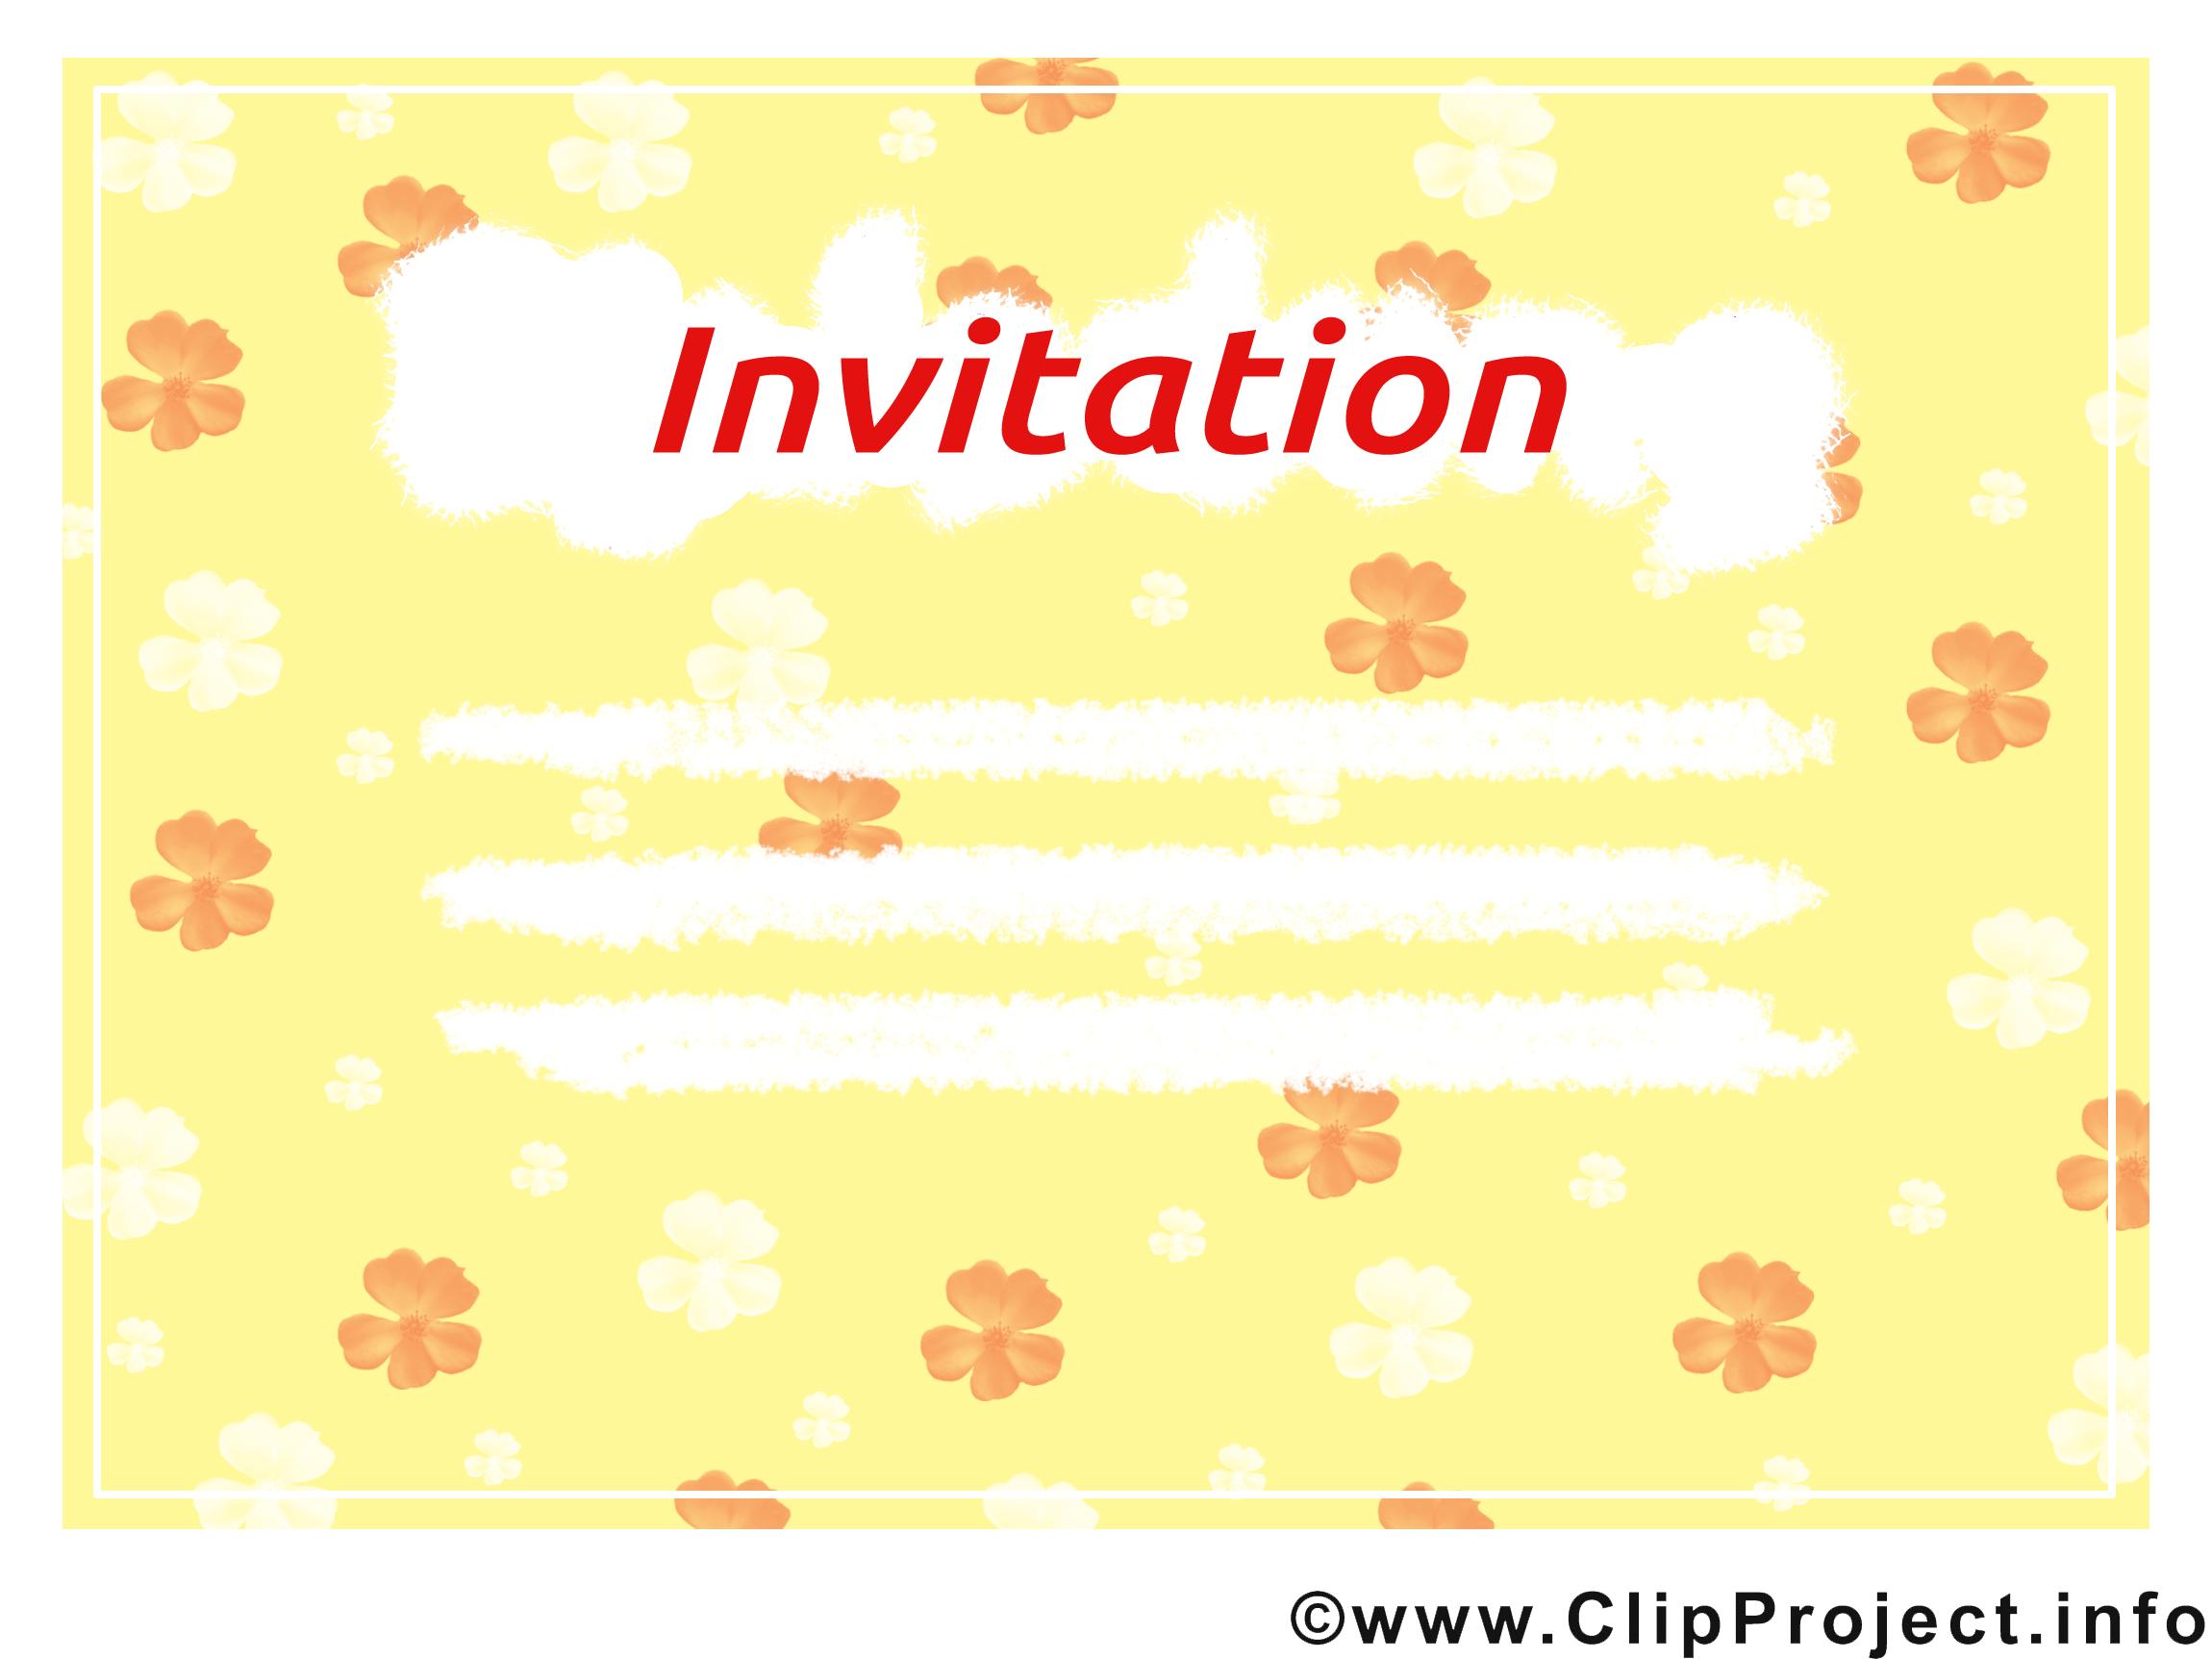 Image gratuite Invitation clipart